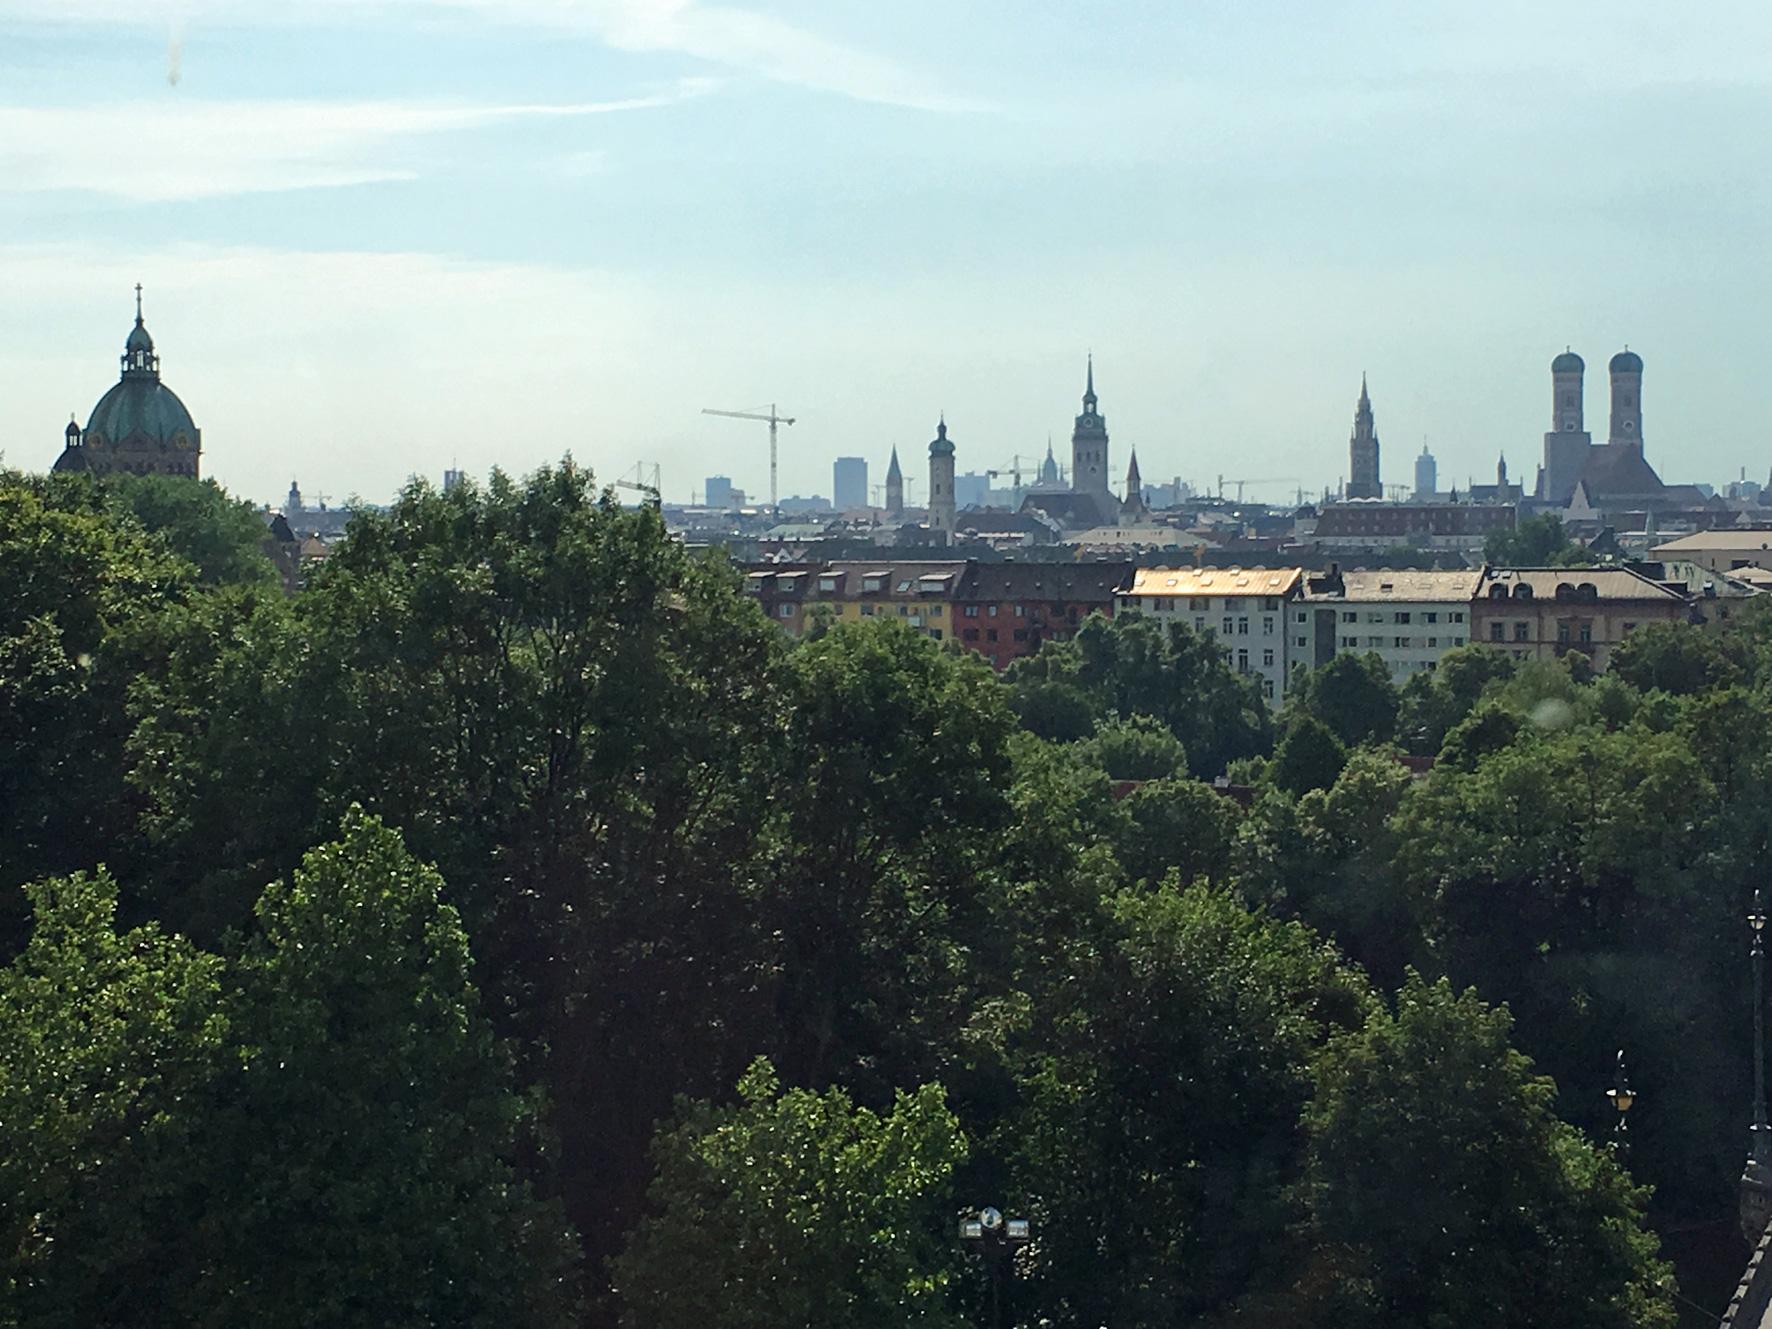 05_Blick-vom-Landtag-auf-die-Stadt-München